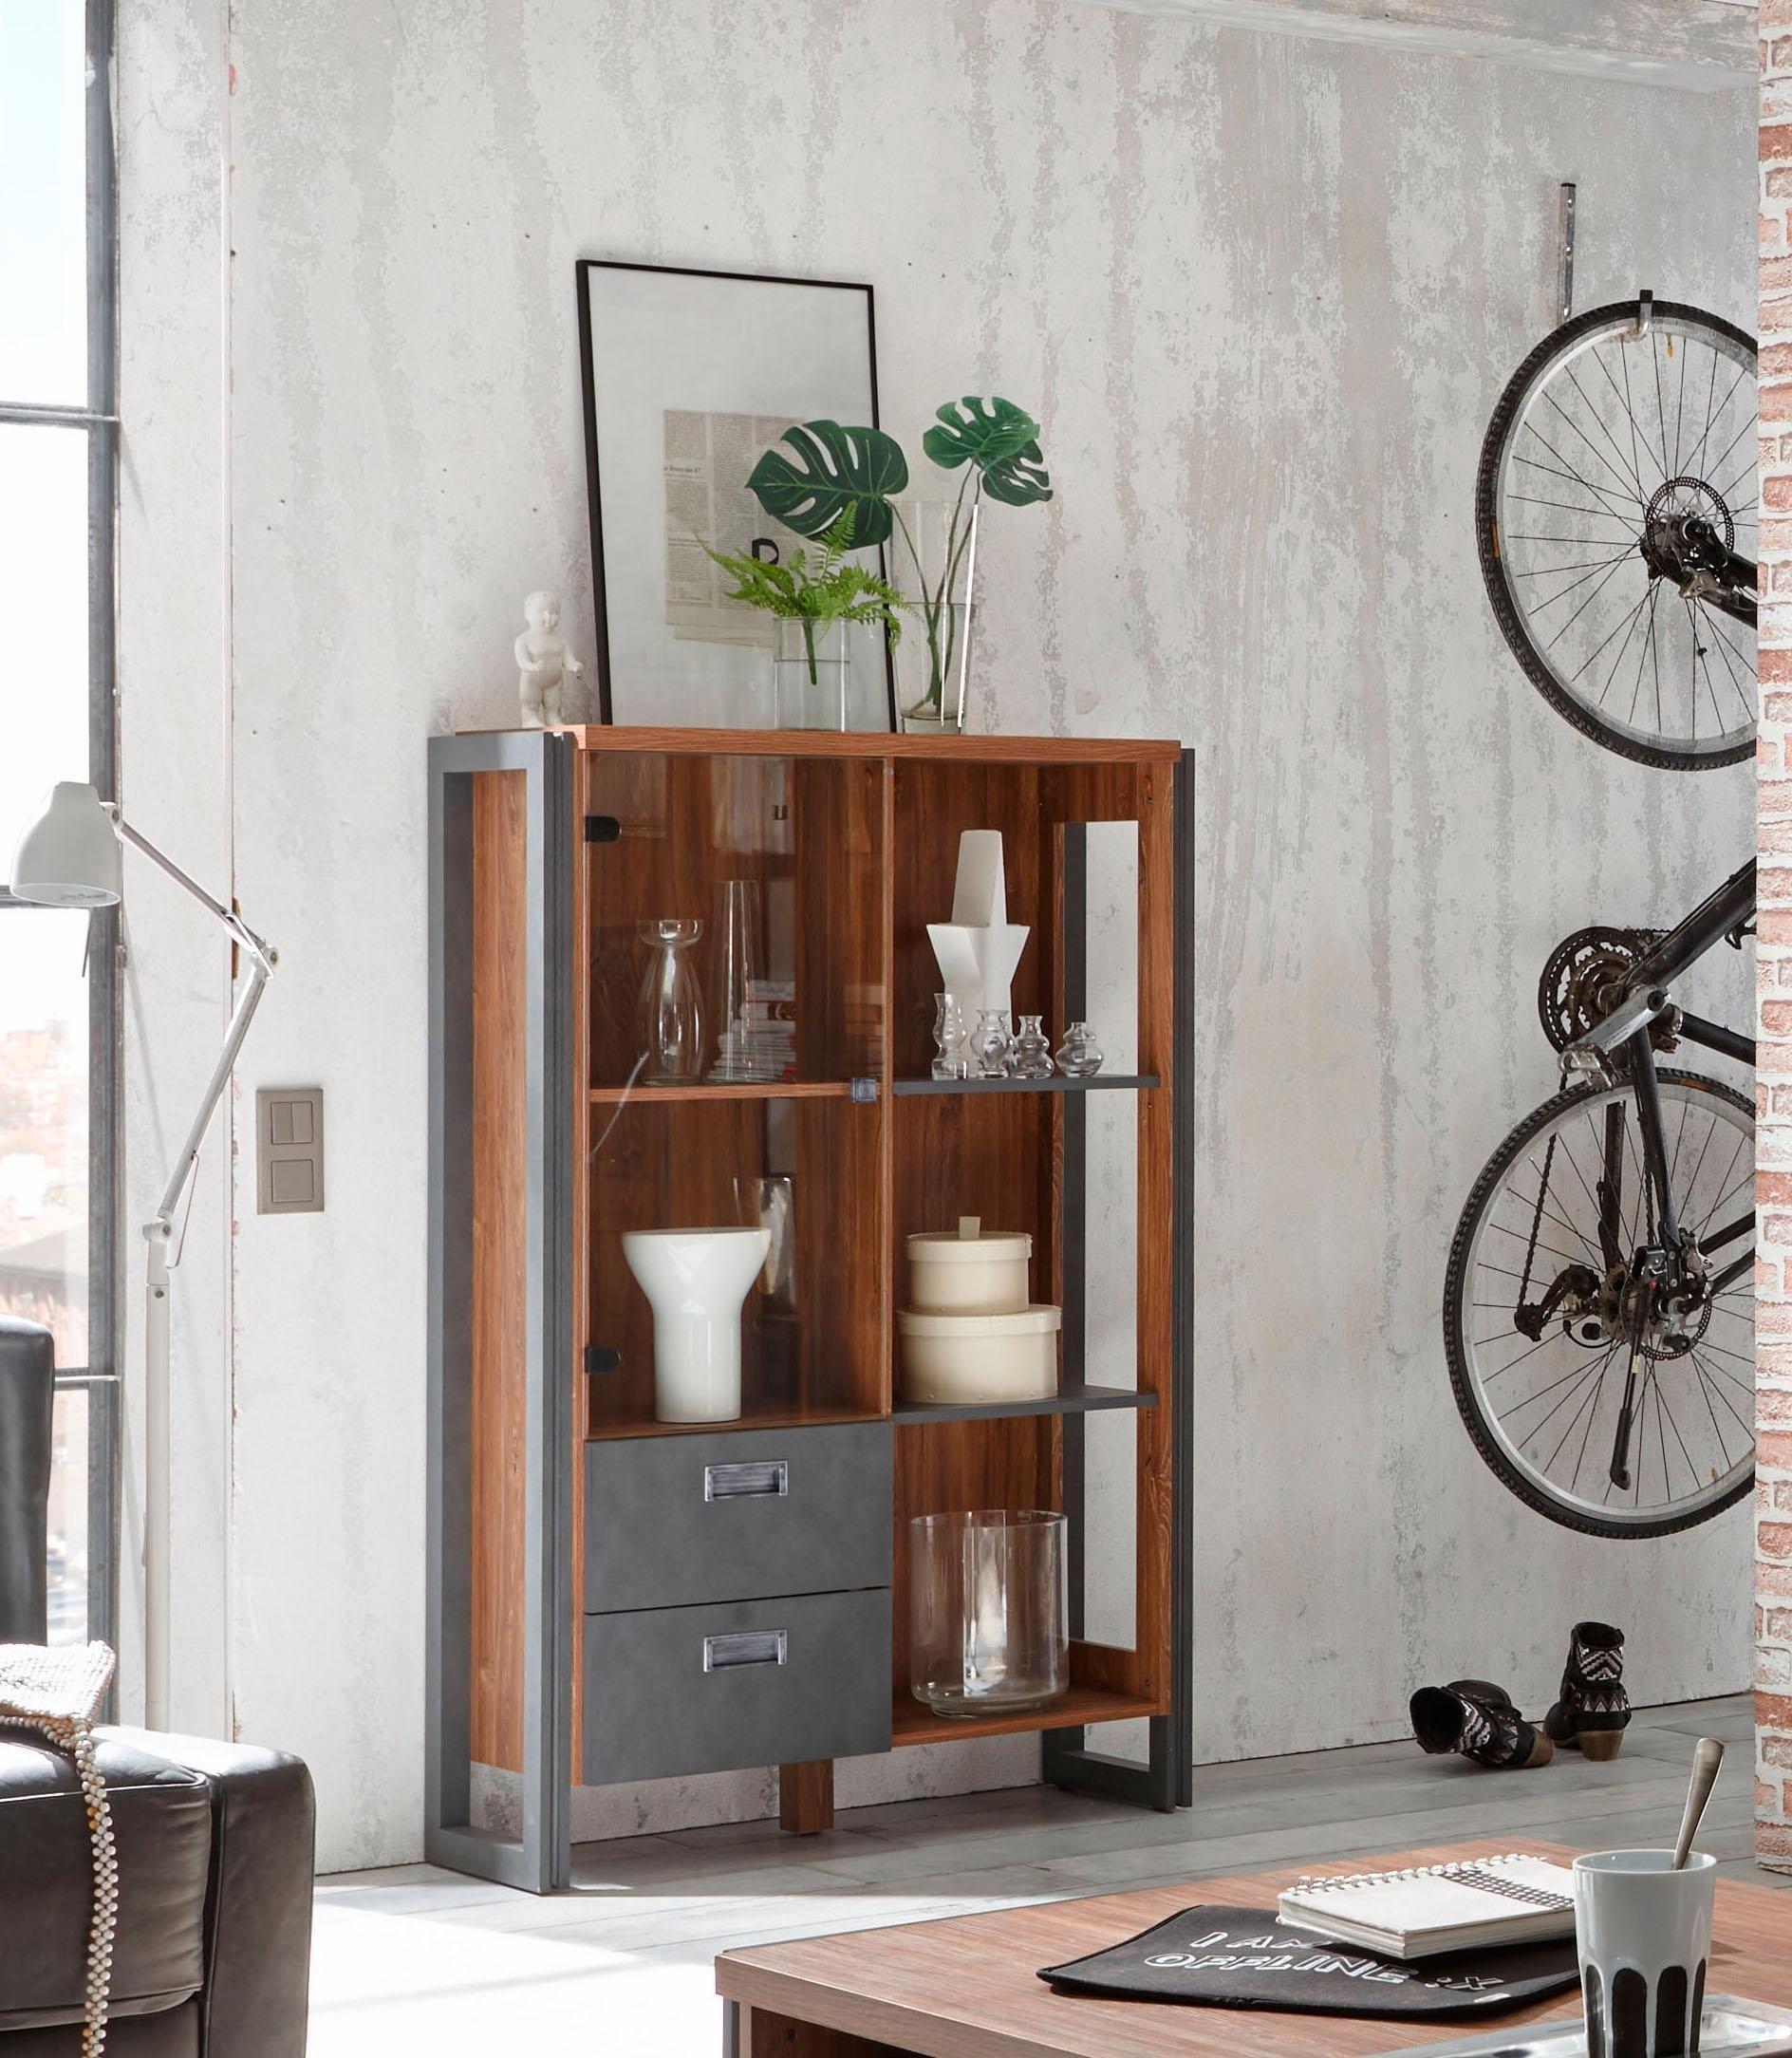 Home Affaire highboard »Detroit«, met 2 laden, hoogte 140 cm, in trendy industrial-look nu online kopen bij OTTO